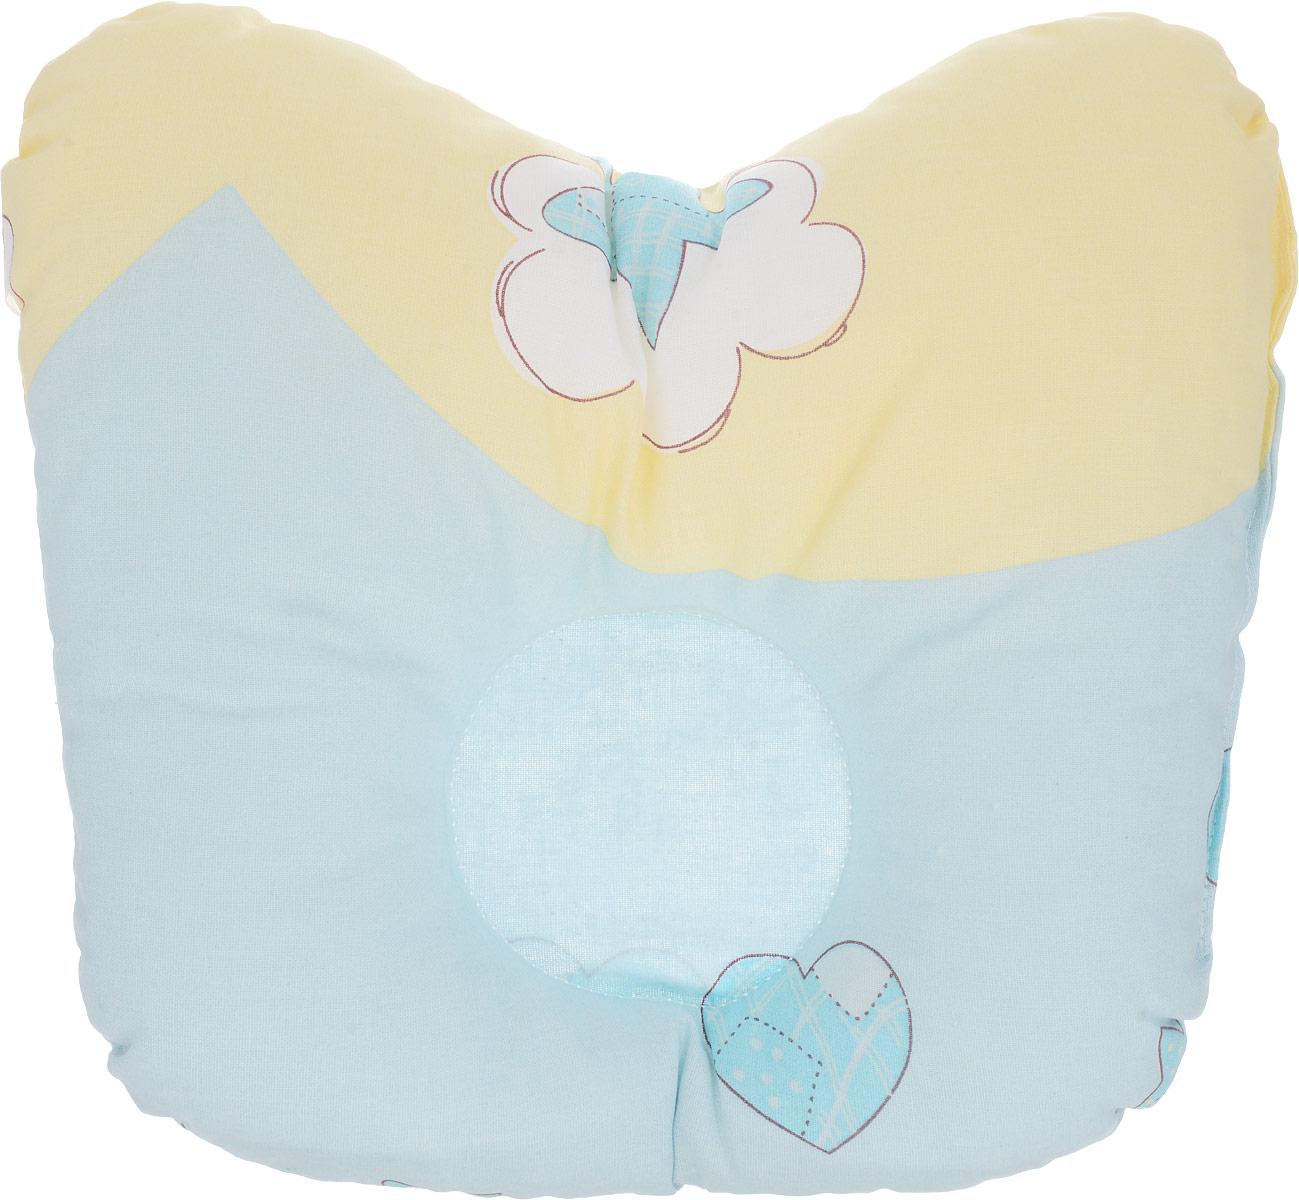 Сонный гномик Подушка анатомическая для младенцев Мишка цвет голубой желтый 27 х 20 см10503Анатомическая подушка для младенцев Сонный гномик Мишка изготовлена из бязи - 100% хлопка. Наполнитель - синтепон в гранулах (100% полиэстер).Подушка компактна и удобна для пеленания малыша и кормления на руках, она также незаменима для сна ребенка в кроватке и комфортна для использования в коляске на прогулке. Углубление в подушке фиксирует правильное положение головы ребенка.Подушка помогает правильному формированию шейного отдела позвоночника и обеспечивает младенцу крепкий и здоровый сон.